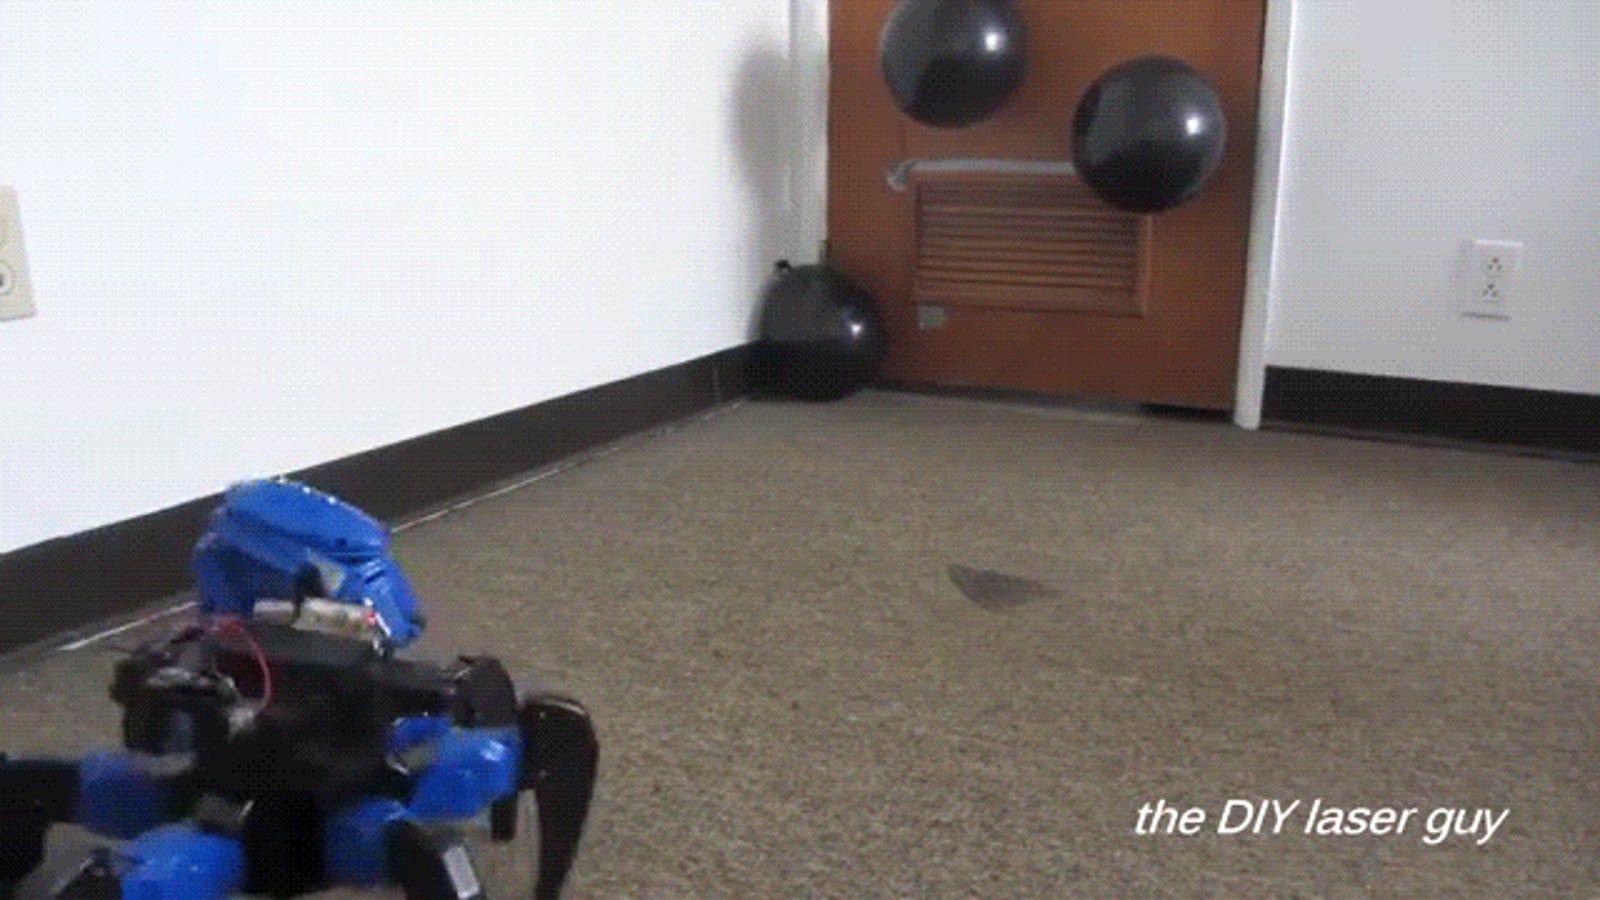 El robot teledirigido casero más efectivo dispara con cañón láser